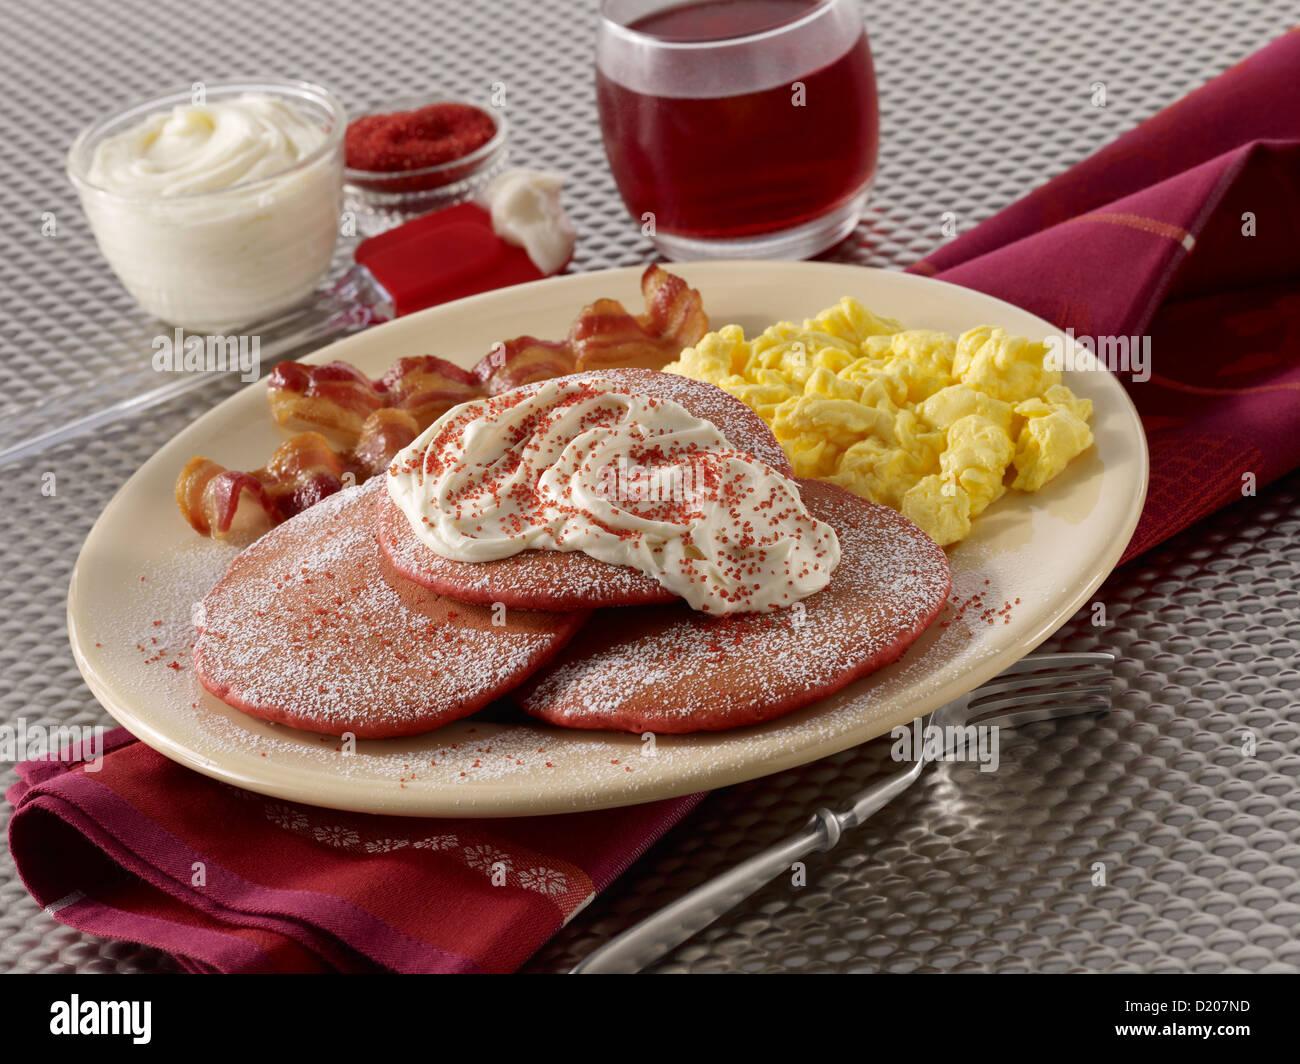 Red Velvet Pancakes - Stock Image